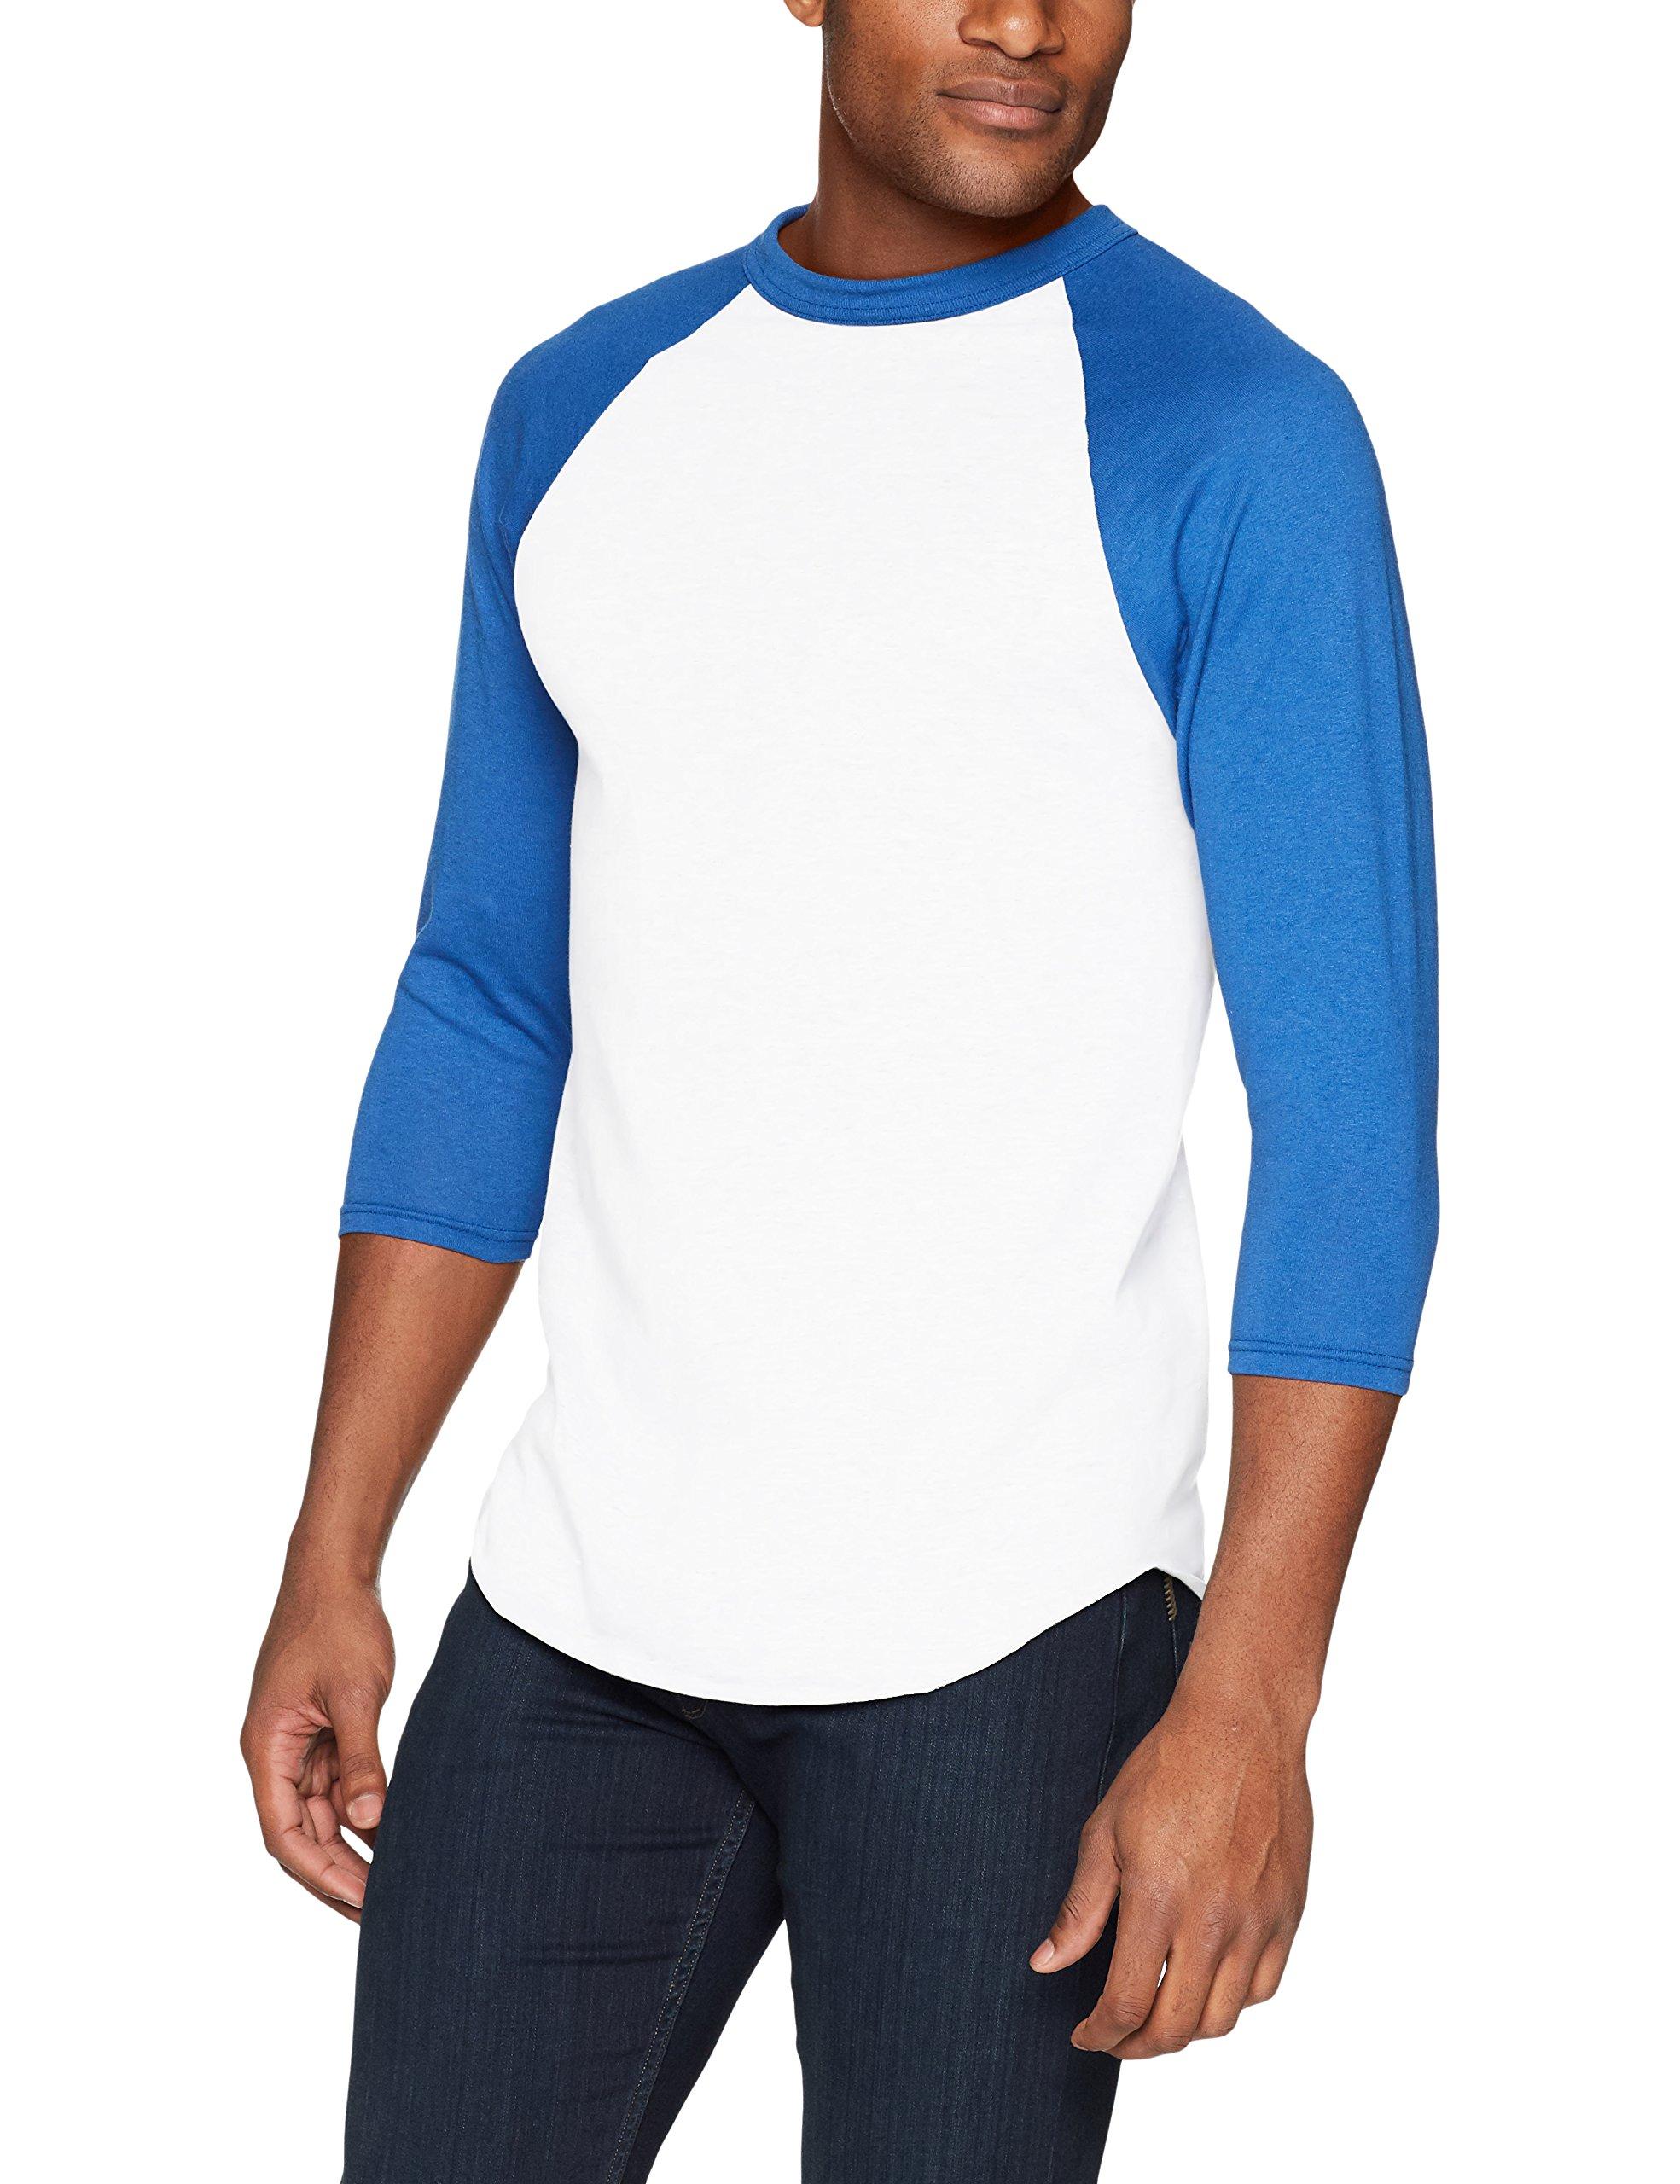 Augusta Sportswear Men's Baseball Jersey, White/Royal, XX-Large by Augusta Sportswear